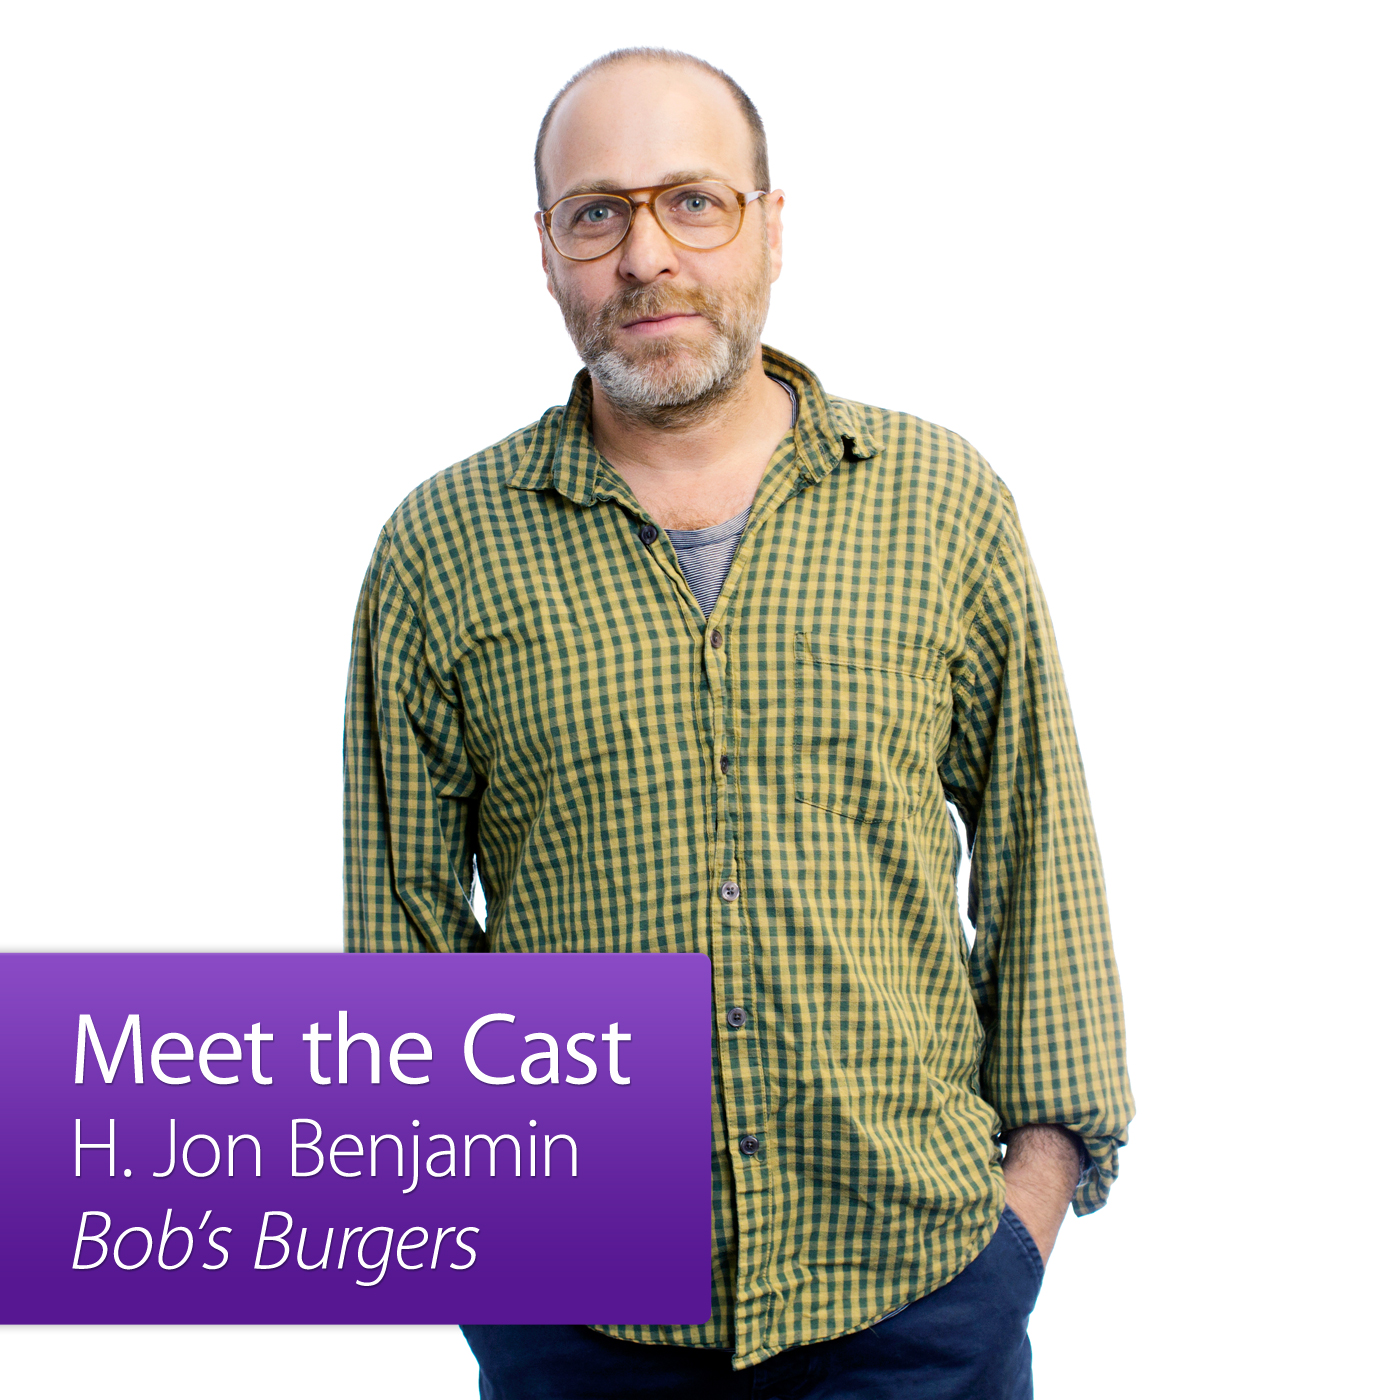 Bob's Burgers: Meet the Cast